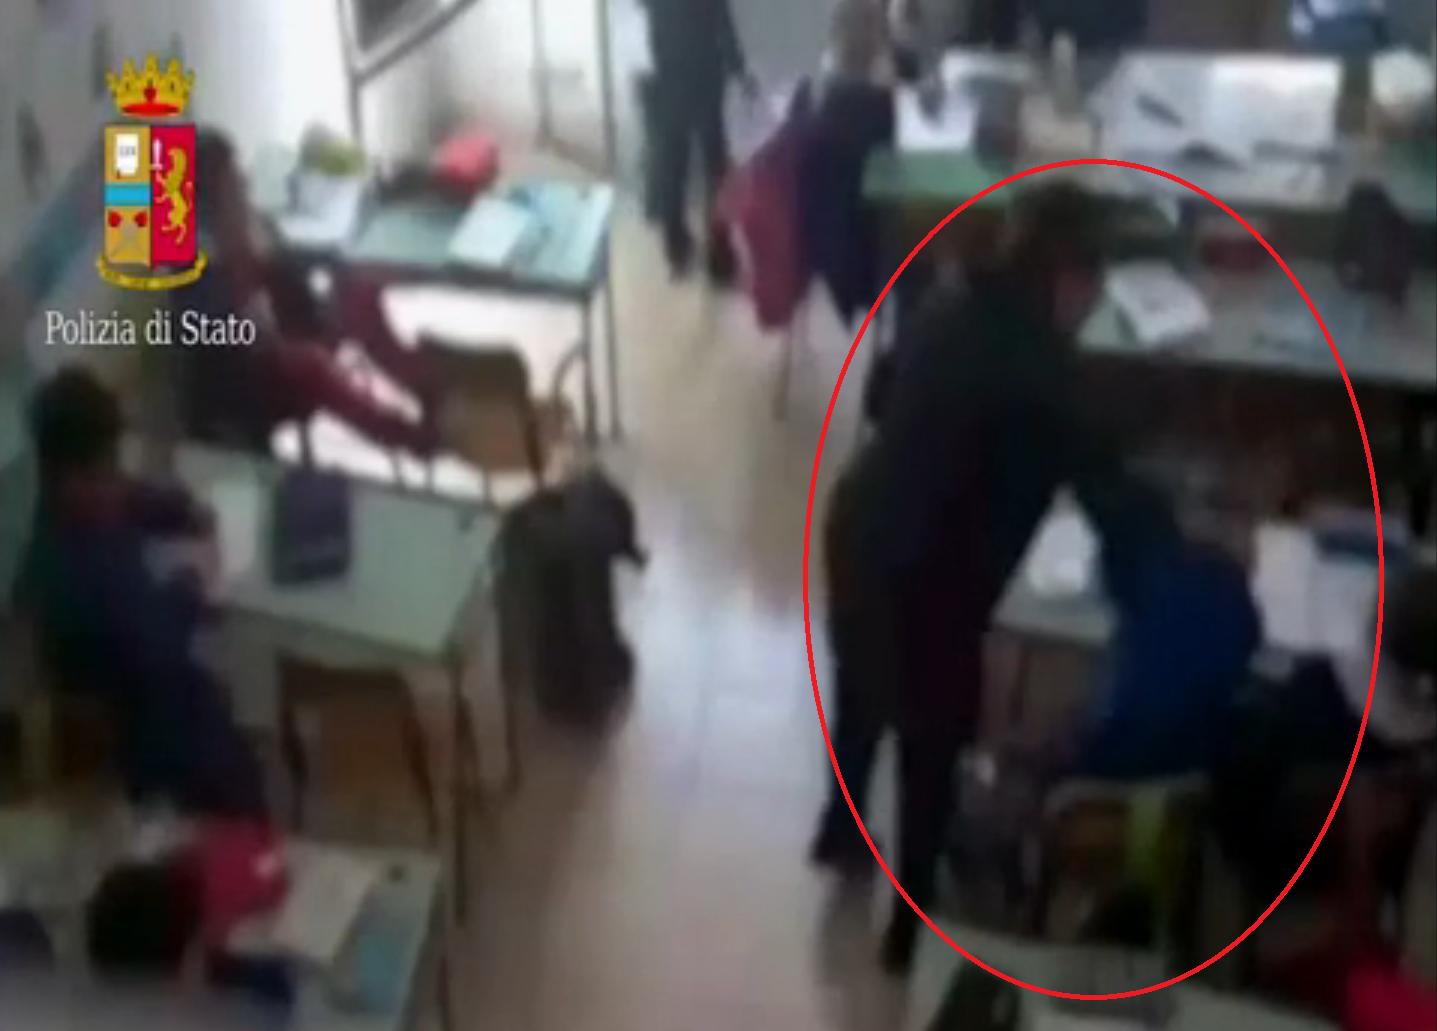 Orrore tra i banchi di scuola. Soprusi su bambini delle elementari